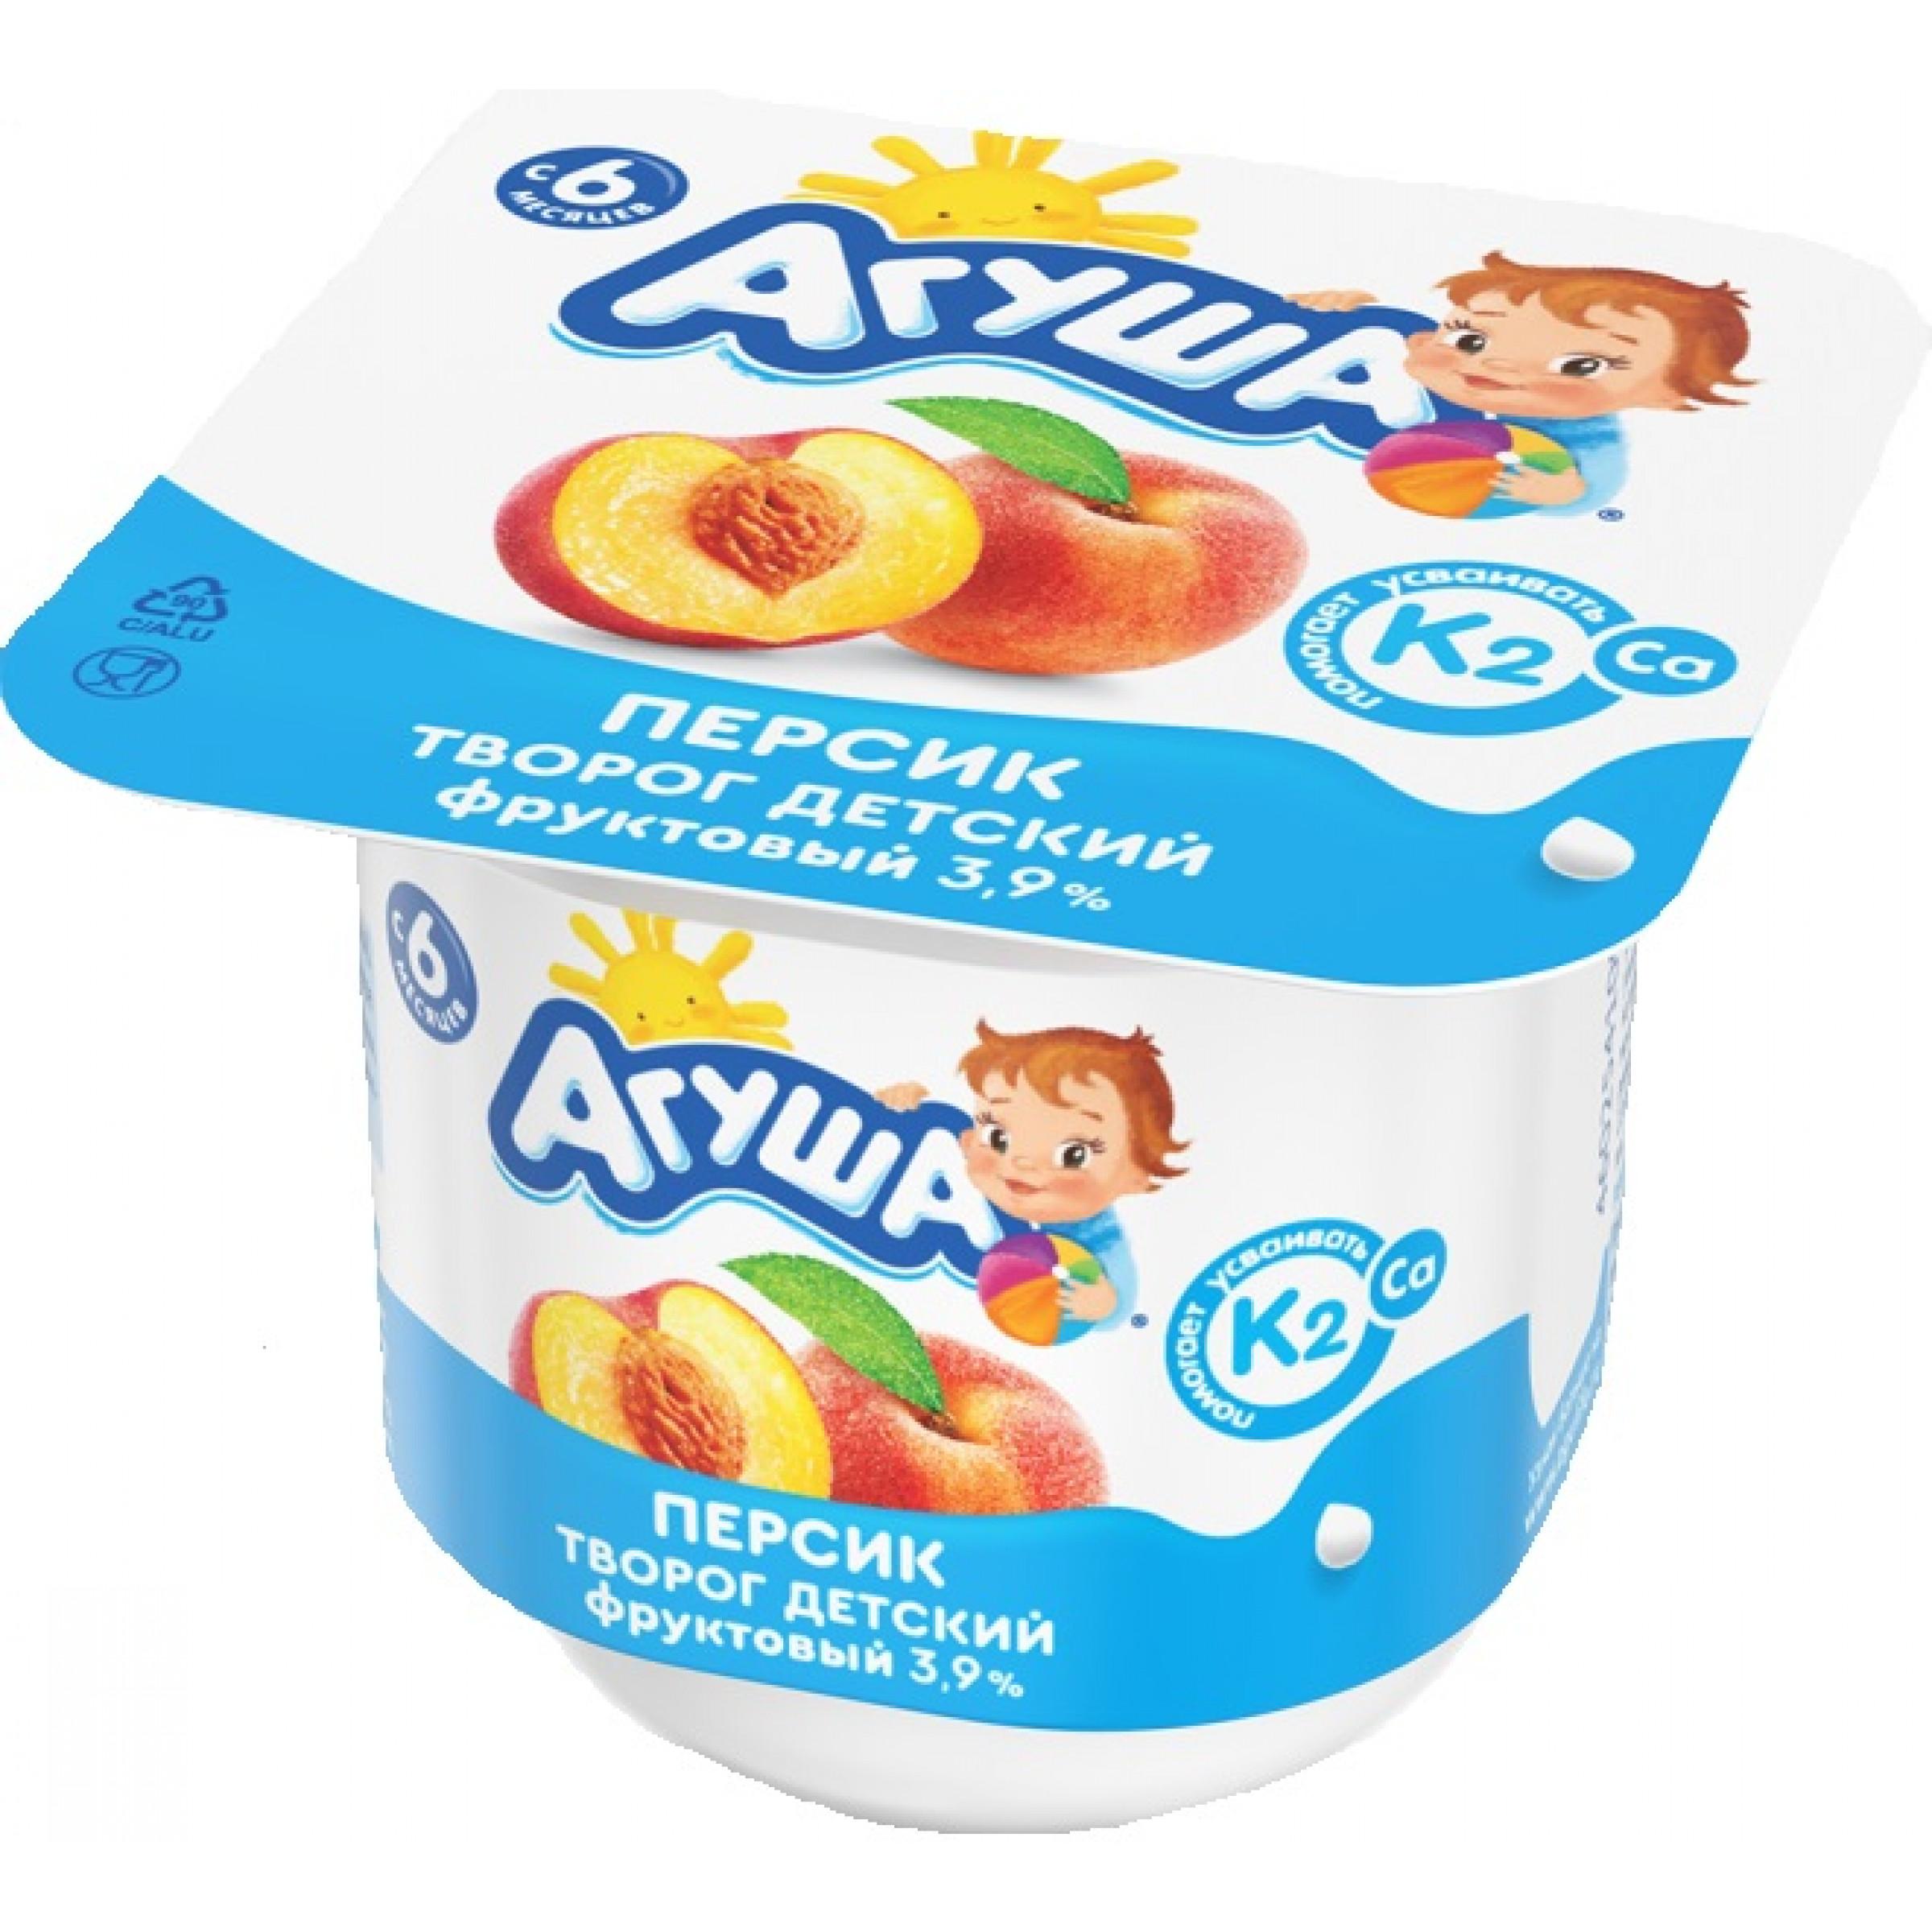 """Творог """"Агуша"""" детский 3. 9% персик, 100гр."""